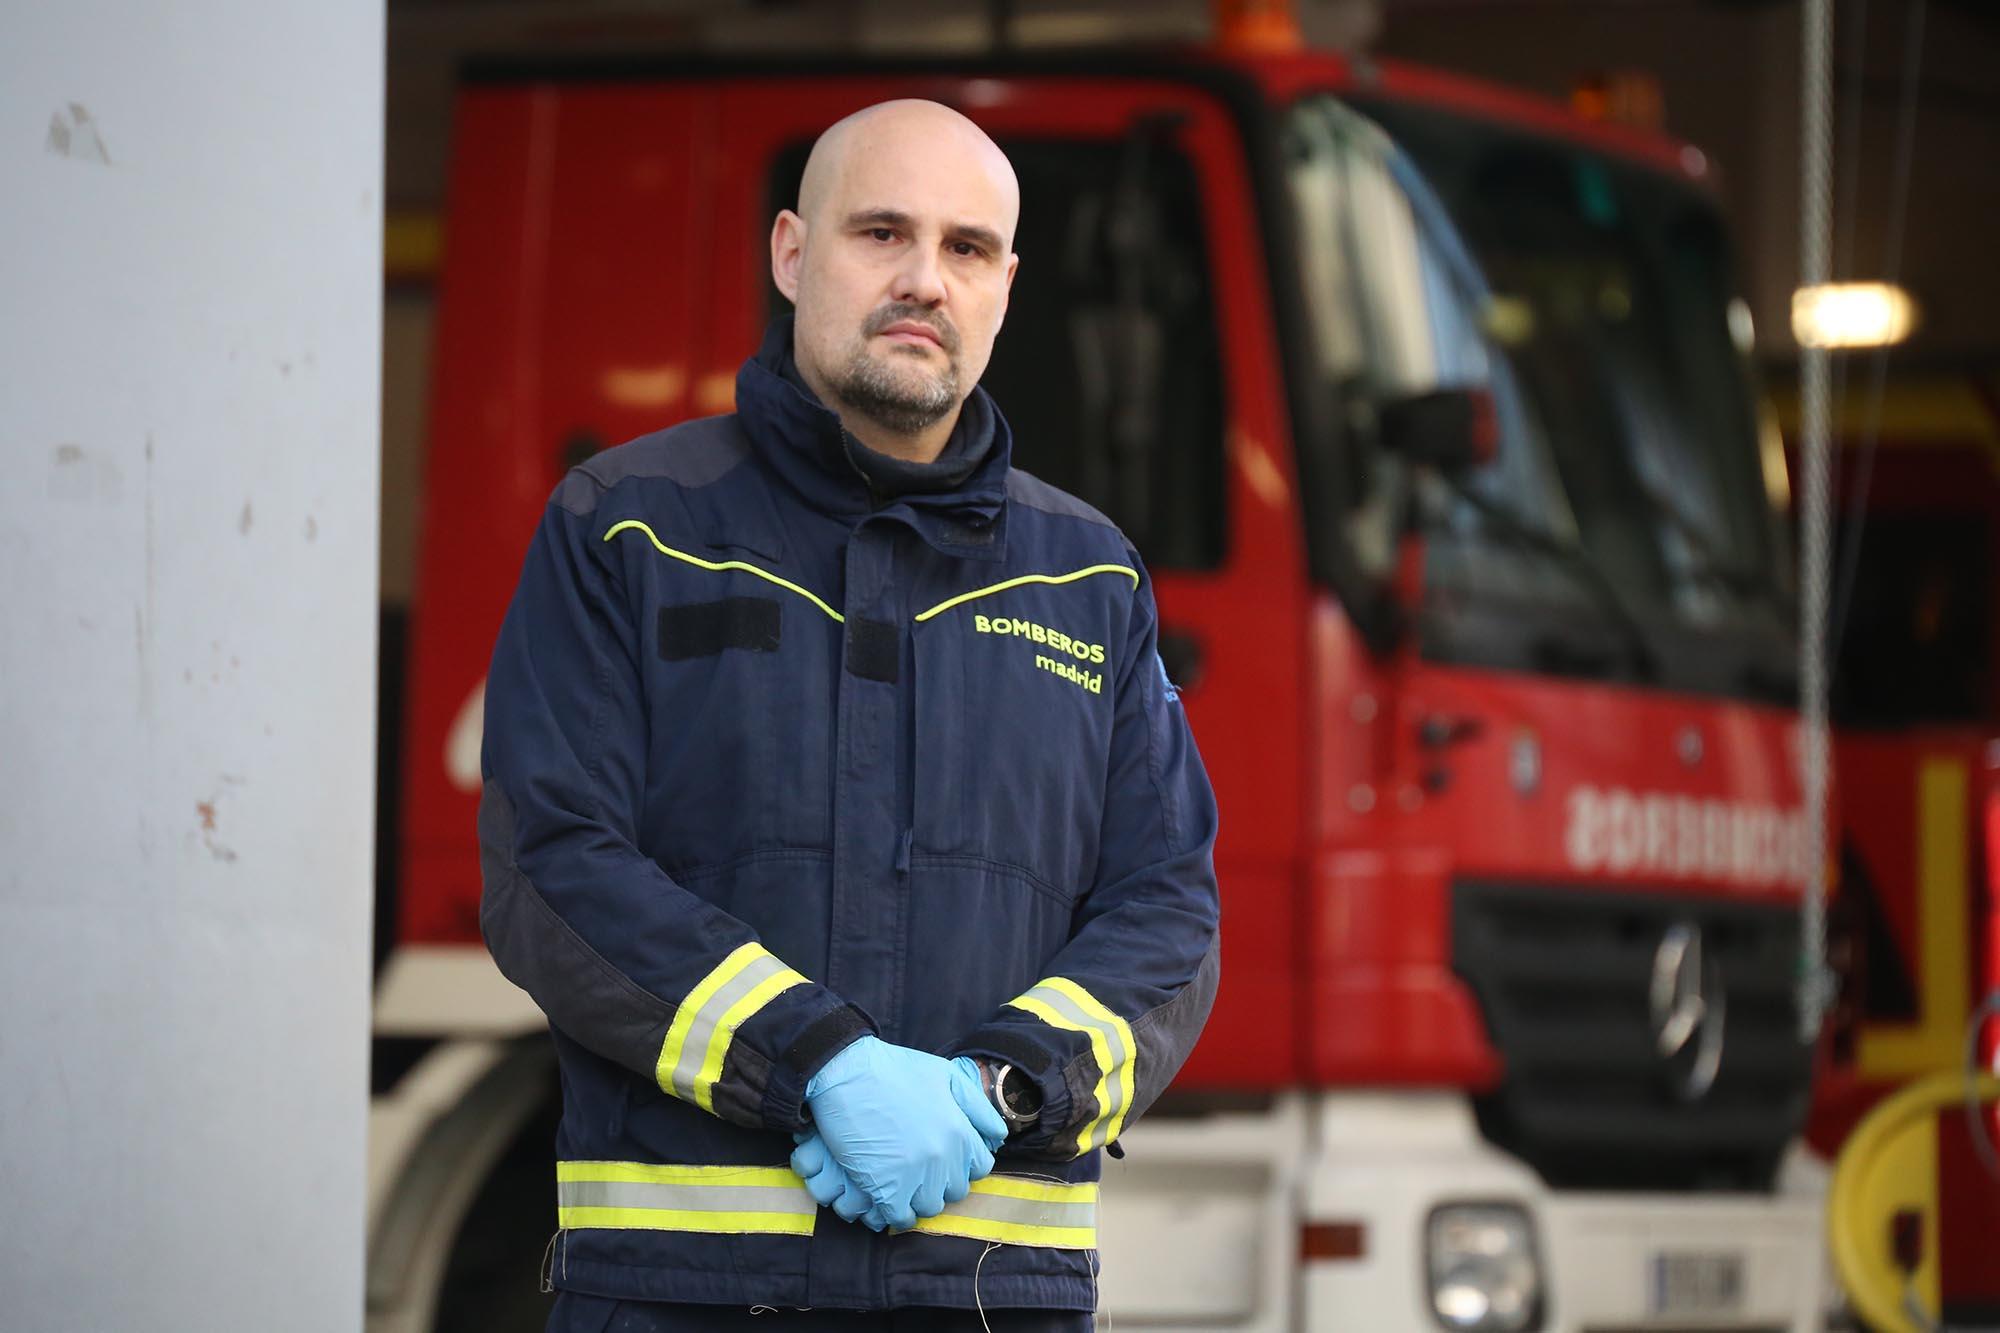 David Gómez, bombero, delegado de CCOO